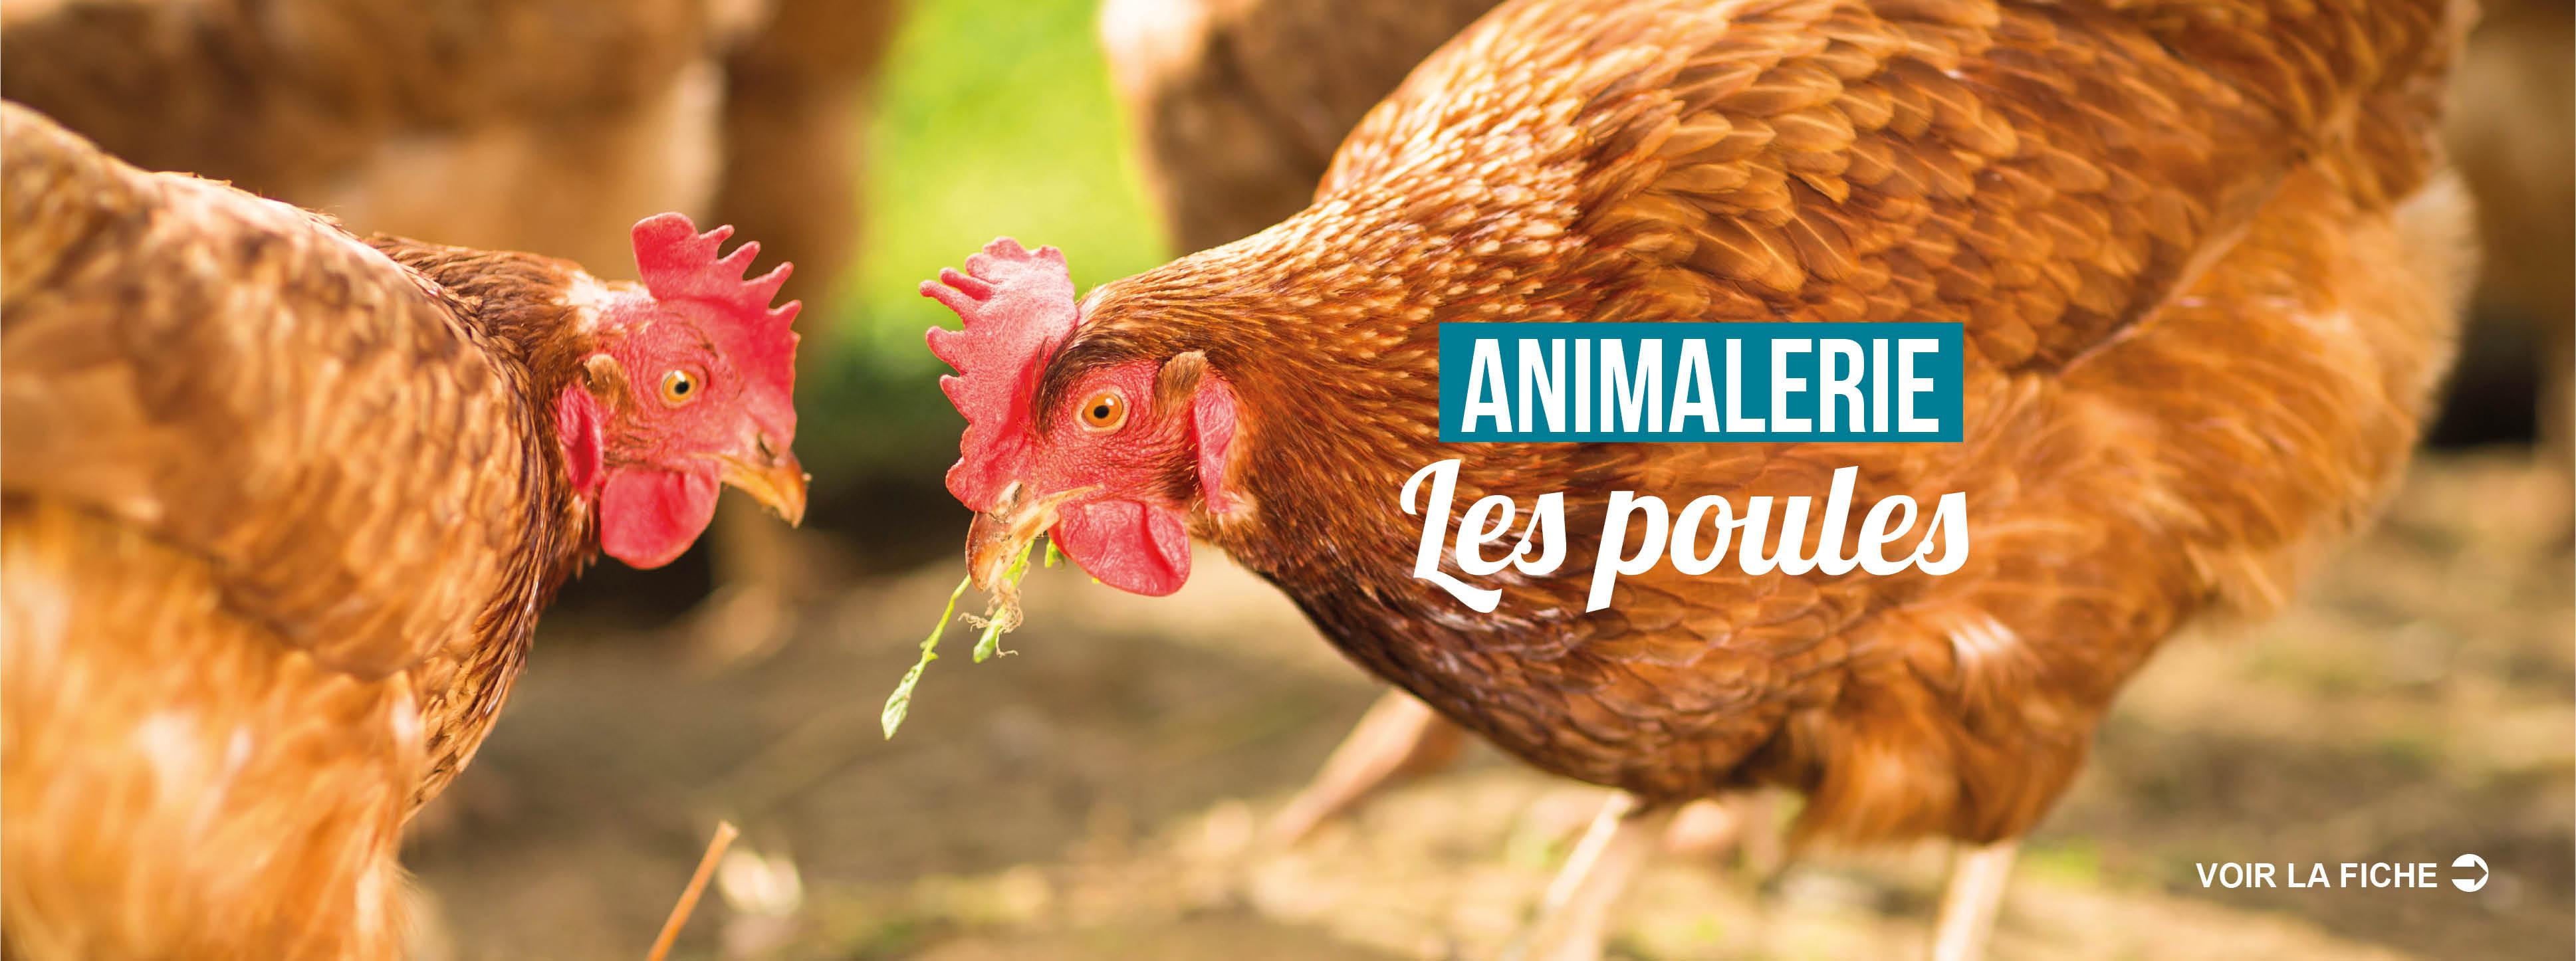 SLIDE-Accueil-_Les poules_ok